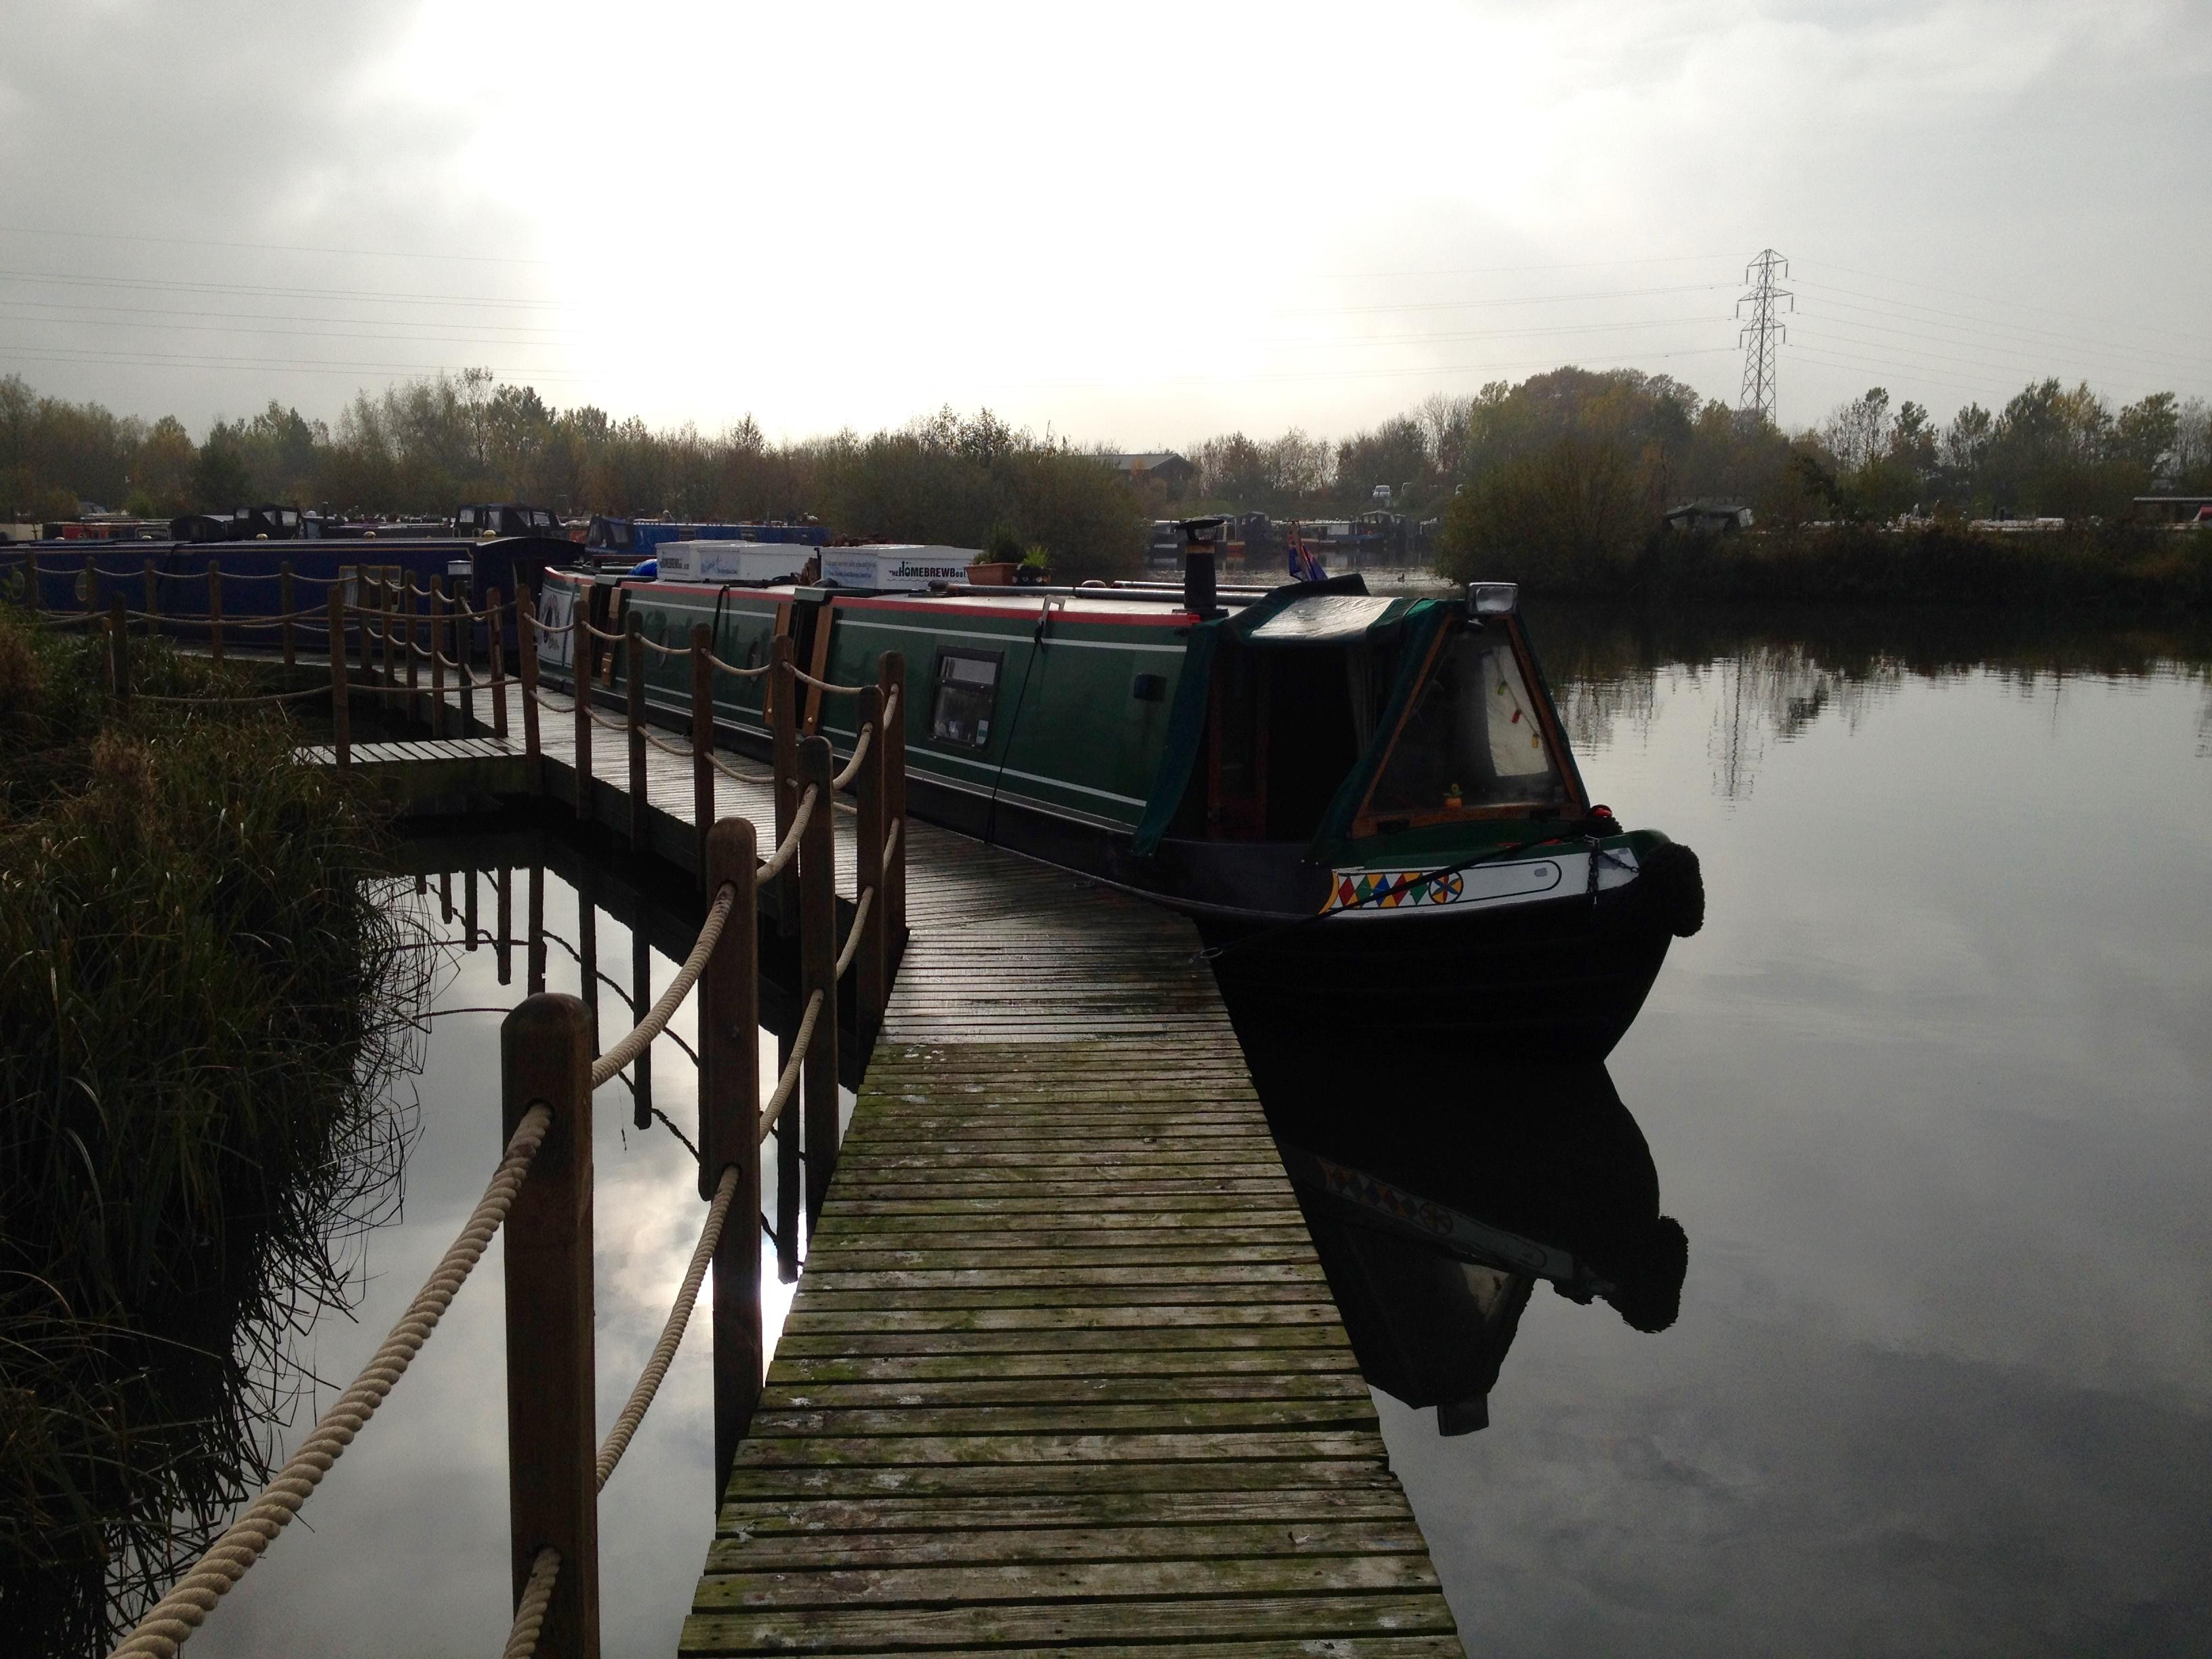 The Home Brew Boat at Mercia Marina